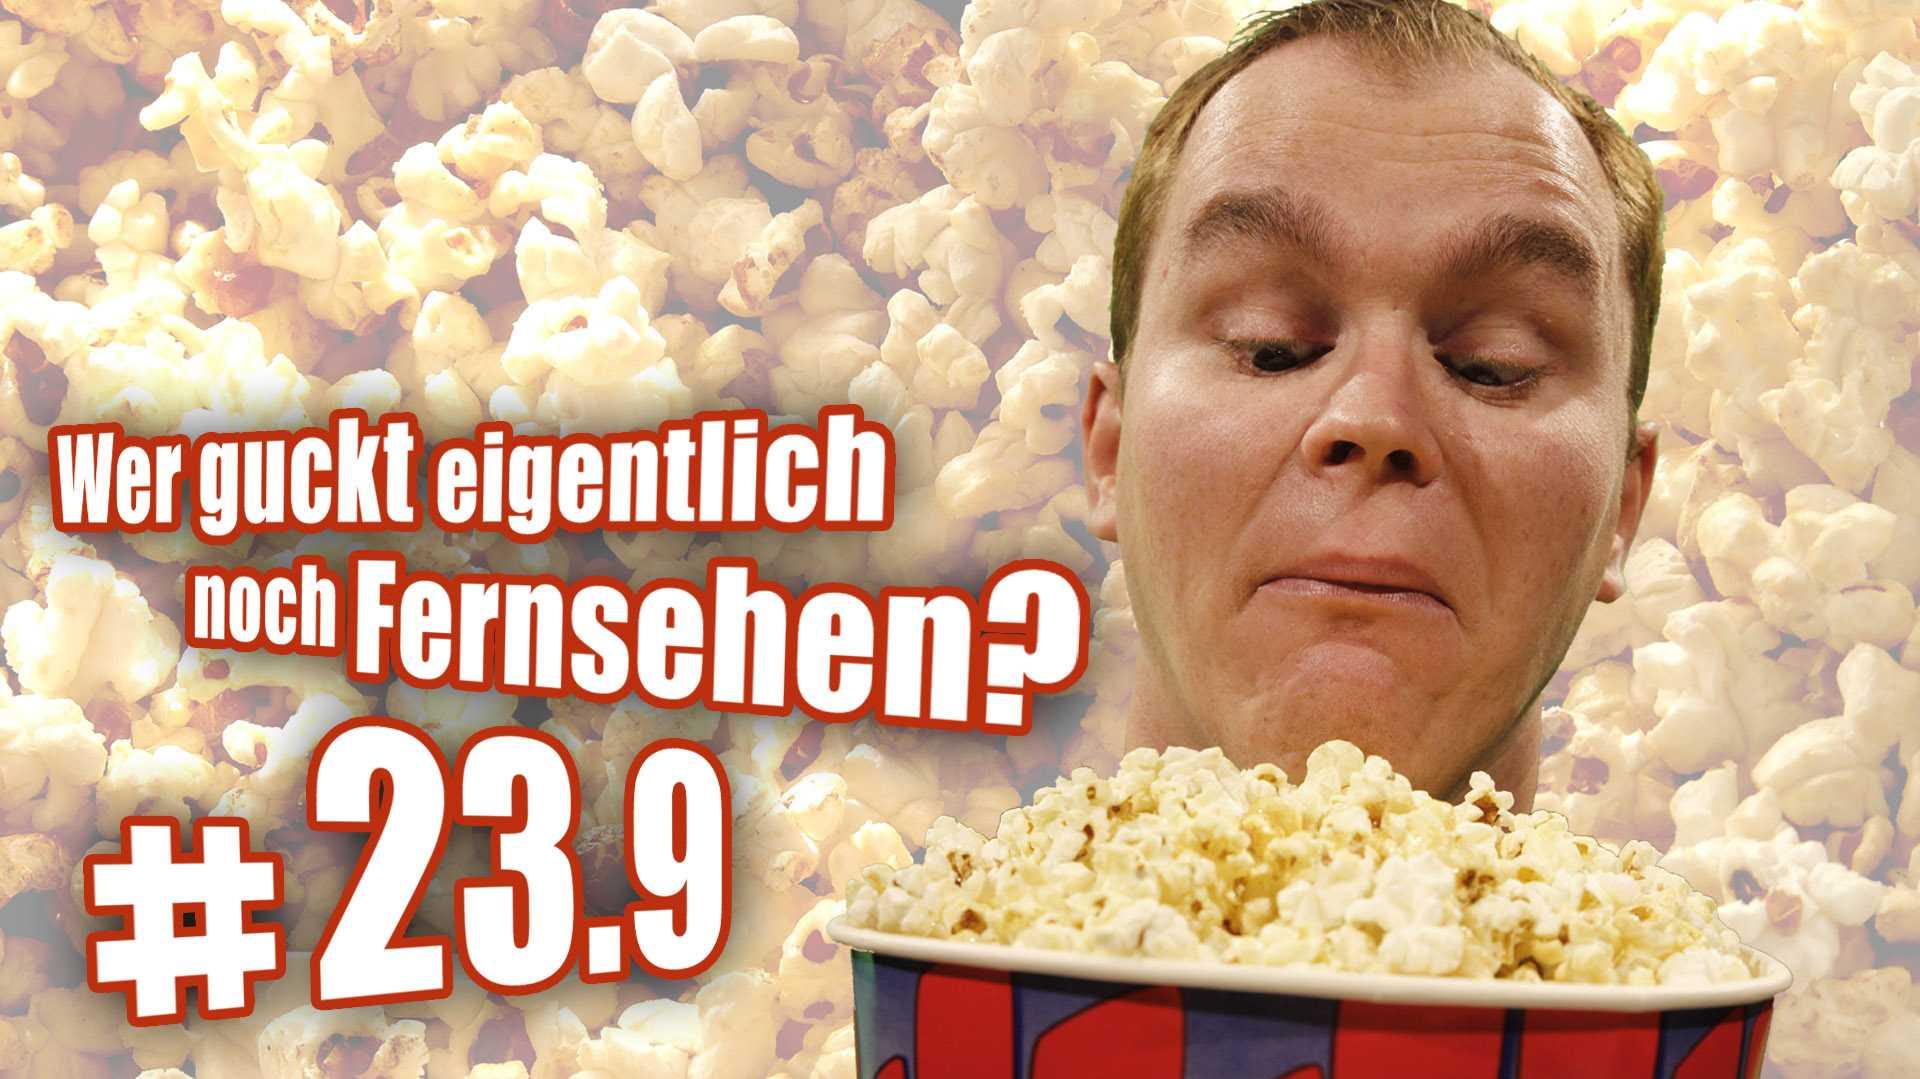 c't uplink 23.9: Wer guckt eigentlich noch Fernsehen?